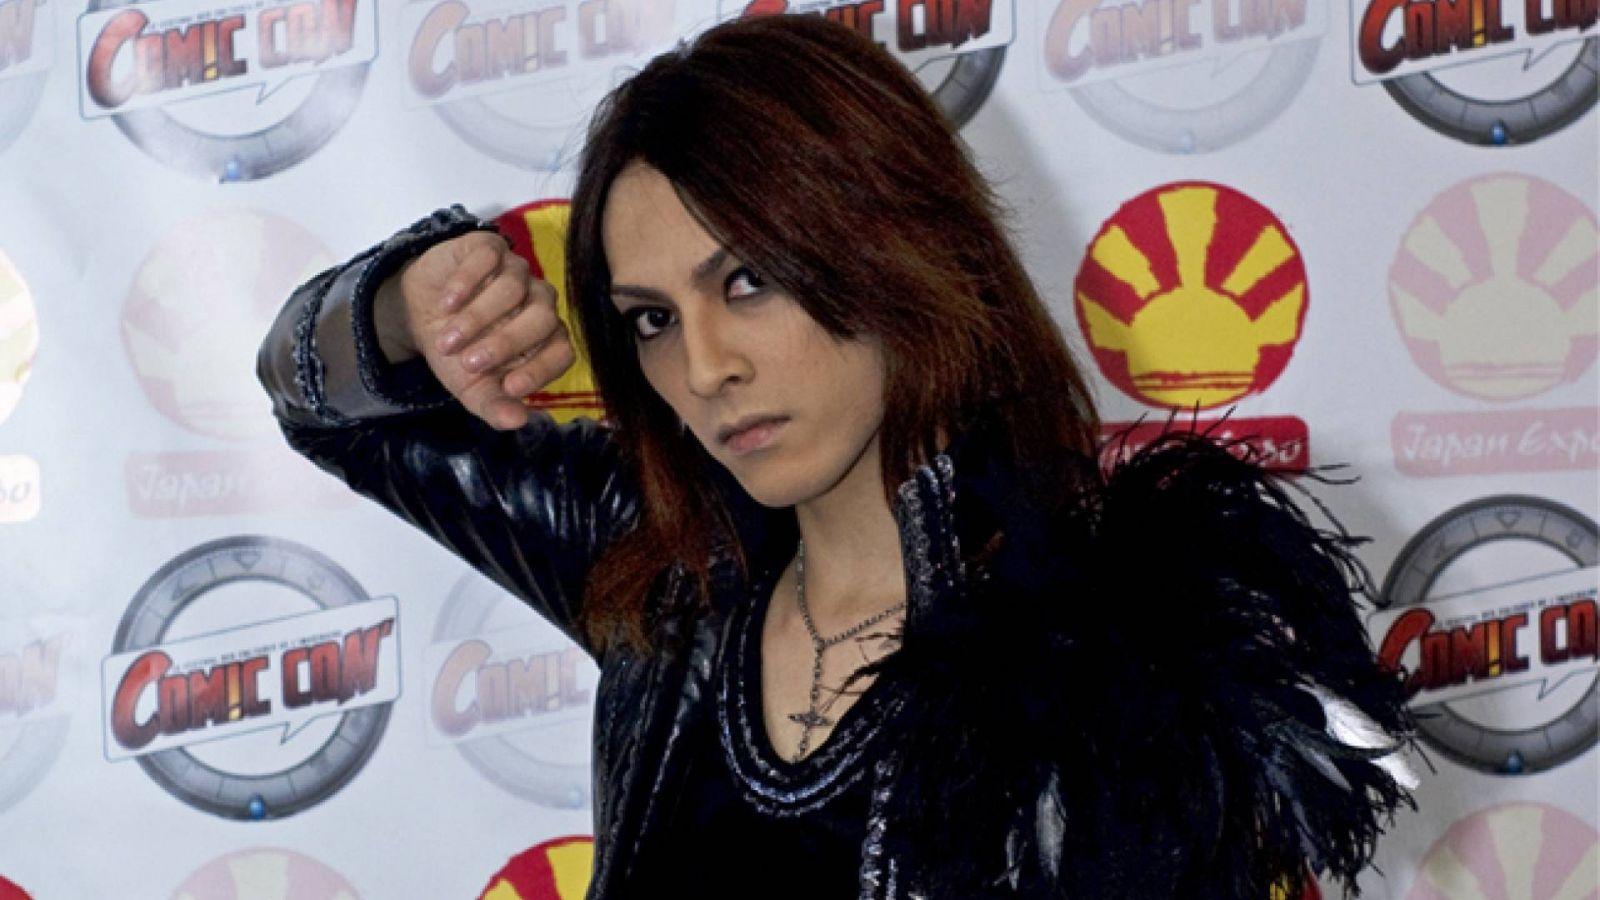 Entrevista com Aoi na Japan Expo © Aoi - JaME - Cybermoon